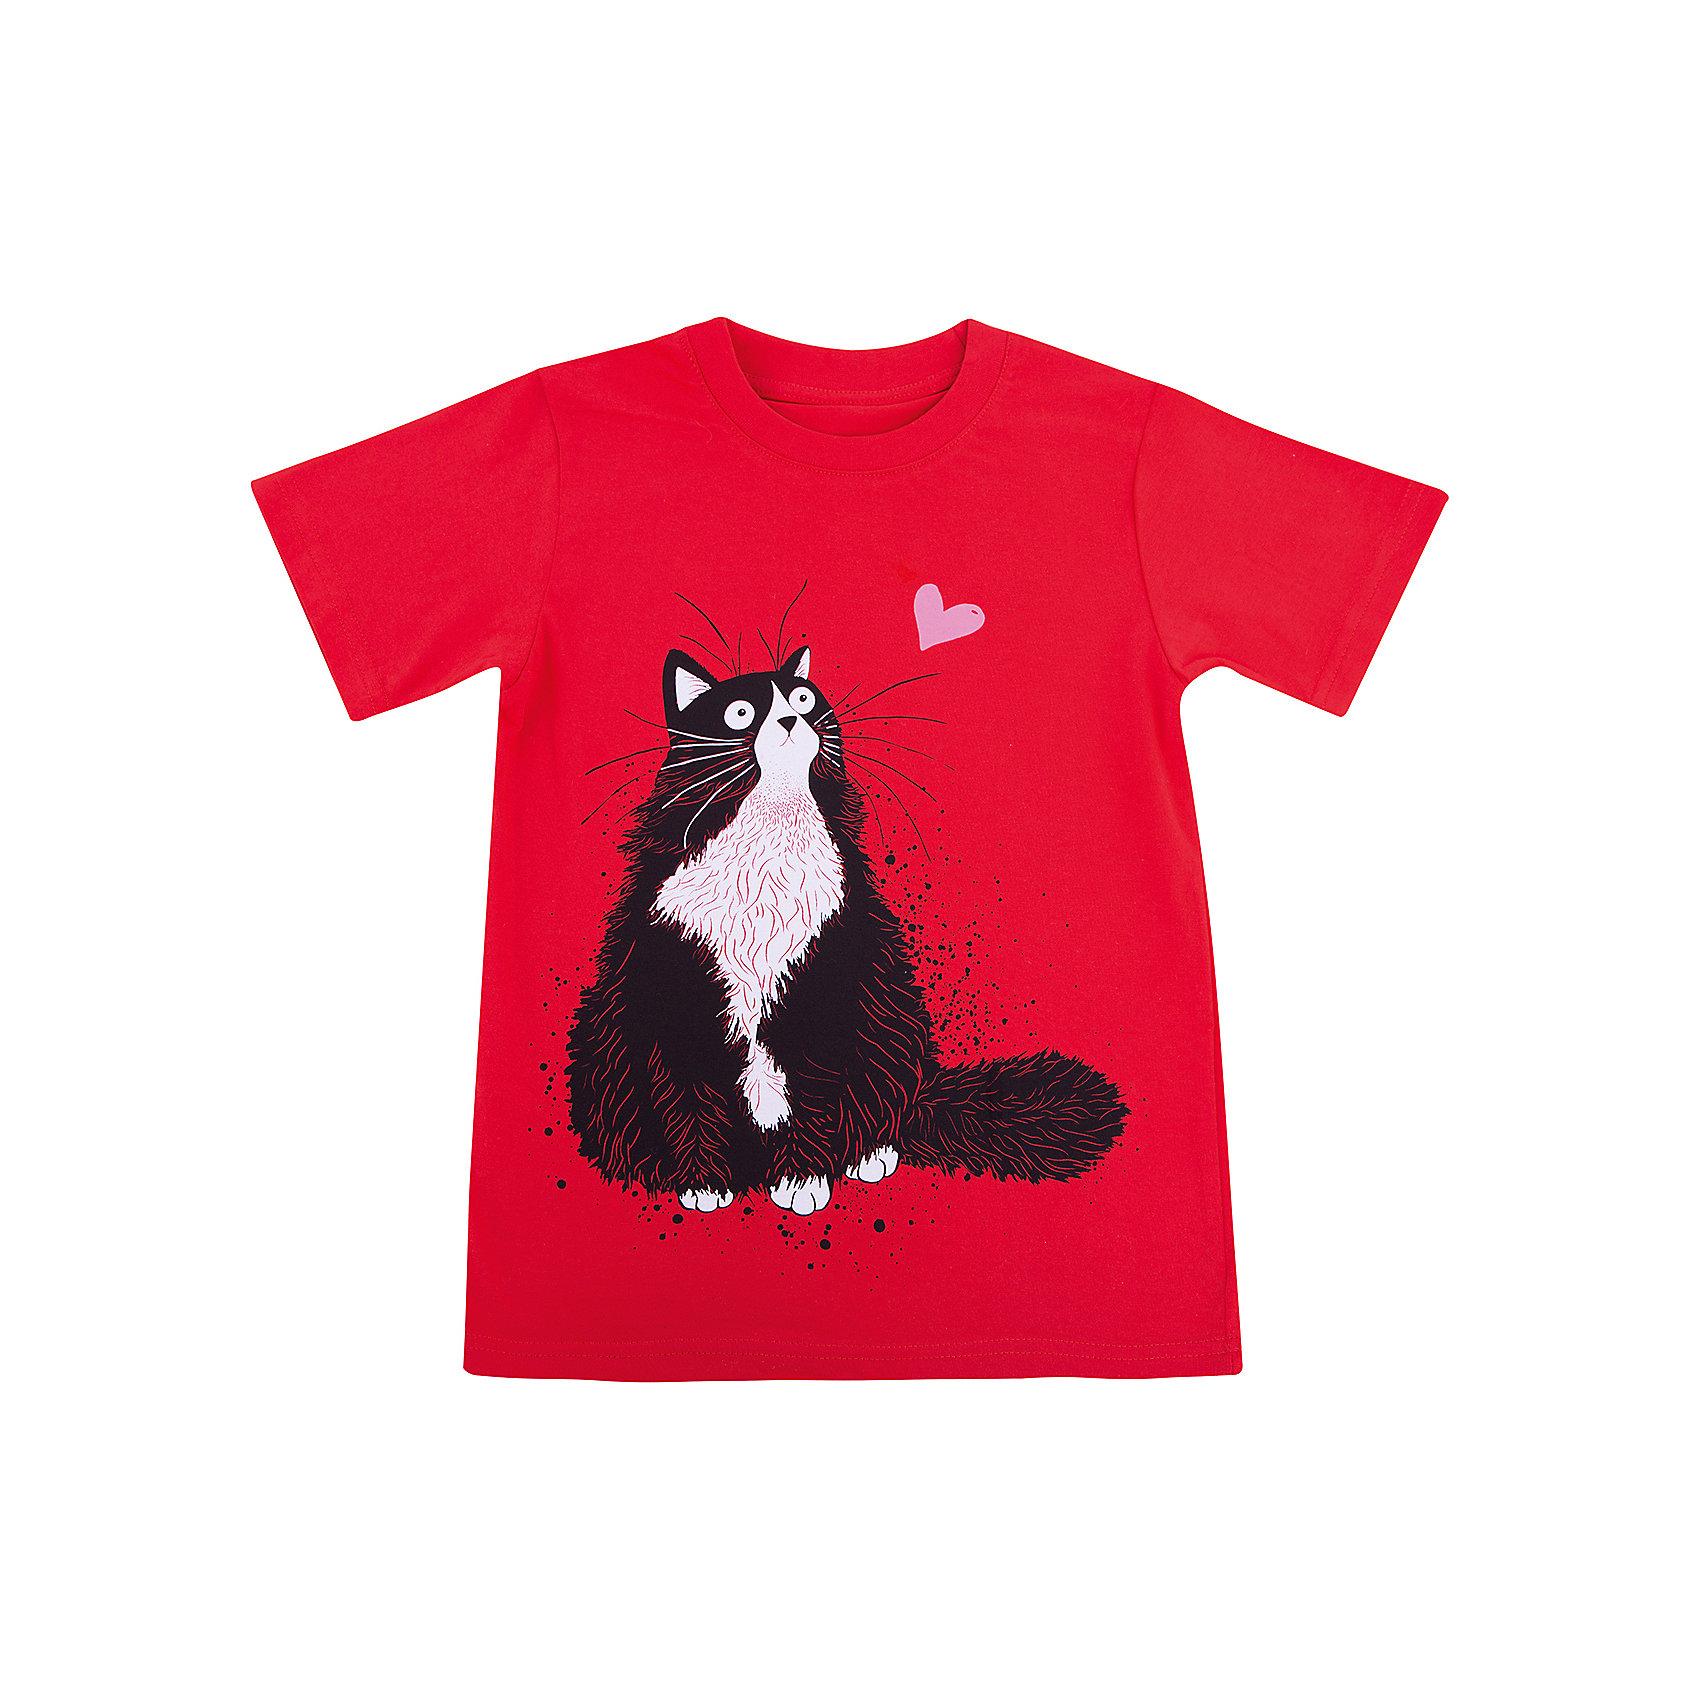 Футболка для девочки WOWФутболки, поло и топы<br>Футболка для девочки WOW<br>Незаменимой вещью в  гардеробе послужит футболка с коротким рукавом. Стильная и в тоже время комфортная модель, с яркой оригинальной печатью, будет превосходно смотреться на ребенке.<br>Состав:<br>кулирная гладь 100% хлопок<br><br>Ширина мм: 199<br>Глубина мм: 10<br>Высота мм: 161<br>Вес г: 151<br>Цвет: красный<br>Возраст от месяцев: 84<br>Возраст до месяцев: 96<br>Пол: Женский<br>Возраст: Детский<br>Размер: 128,158,134,140,152<br>SKU: 6871600